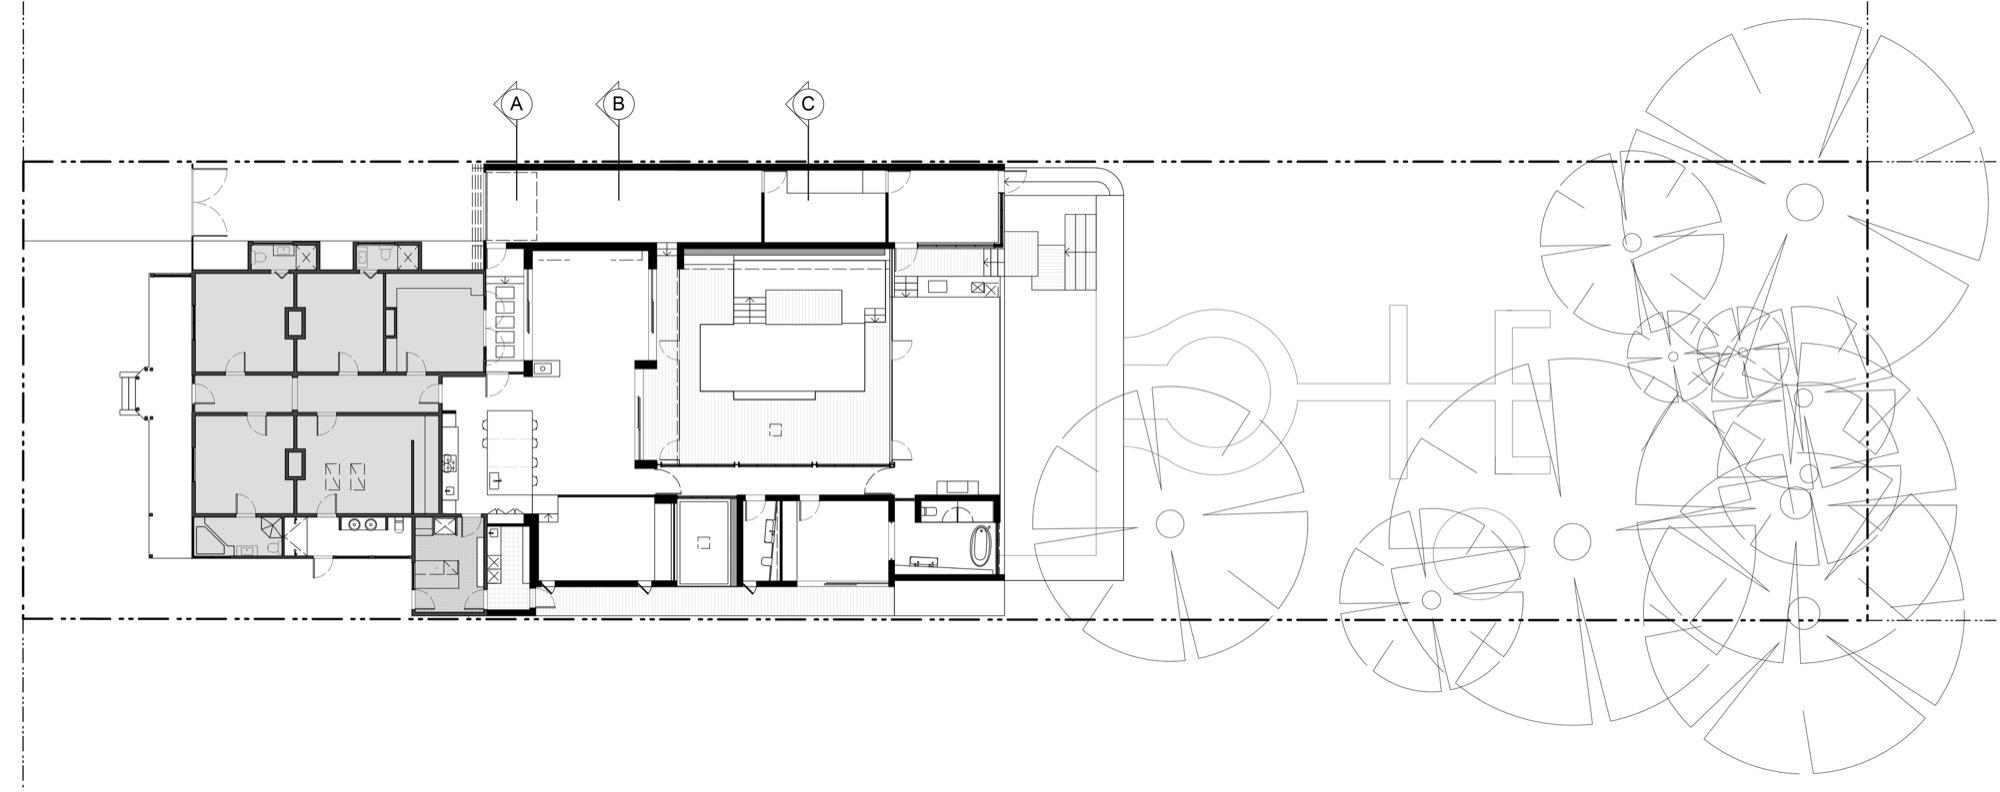 Gallery Of Bundaroo House Tziallas Omeara Architecture